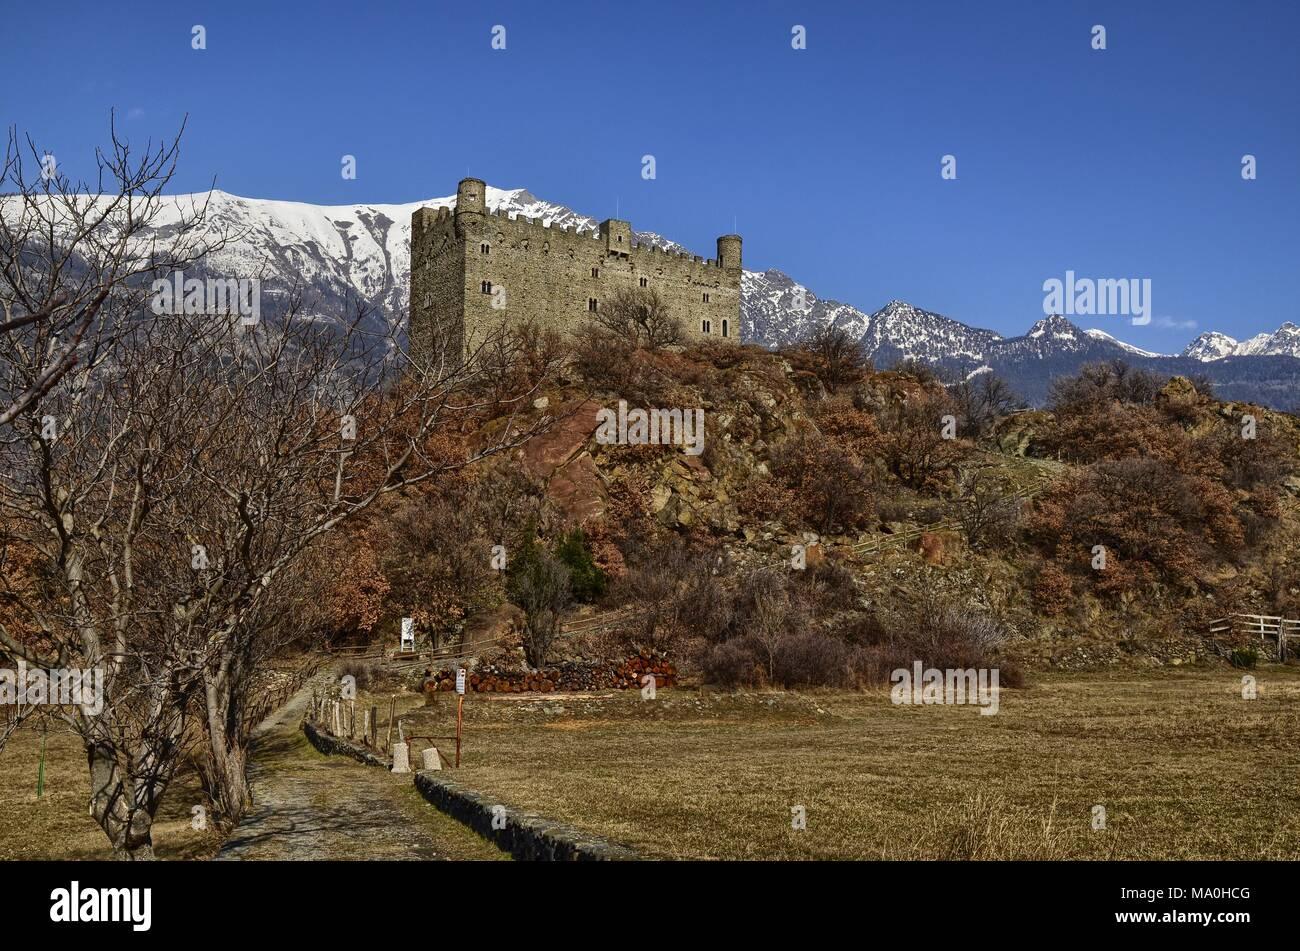 Frazione di Ussel di Chatillon, Valle d'Aosta, Italia 11 febbraio 2018. Il castello fotografato da tre trimestri. Immagini Stock